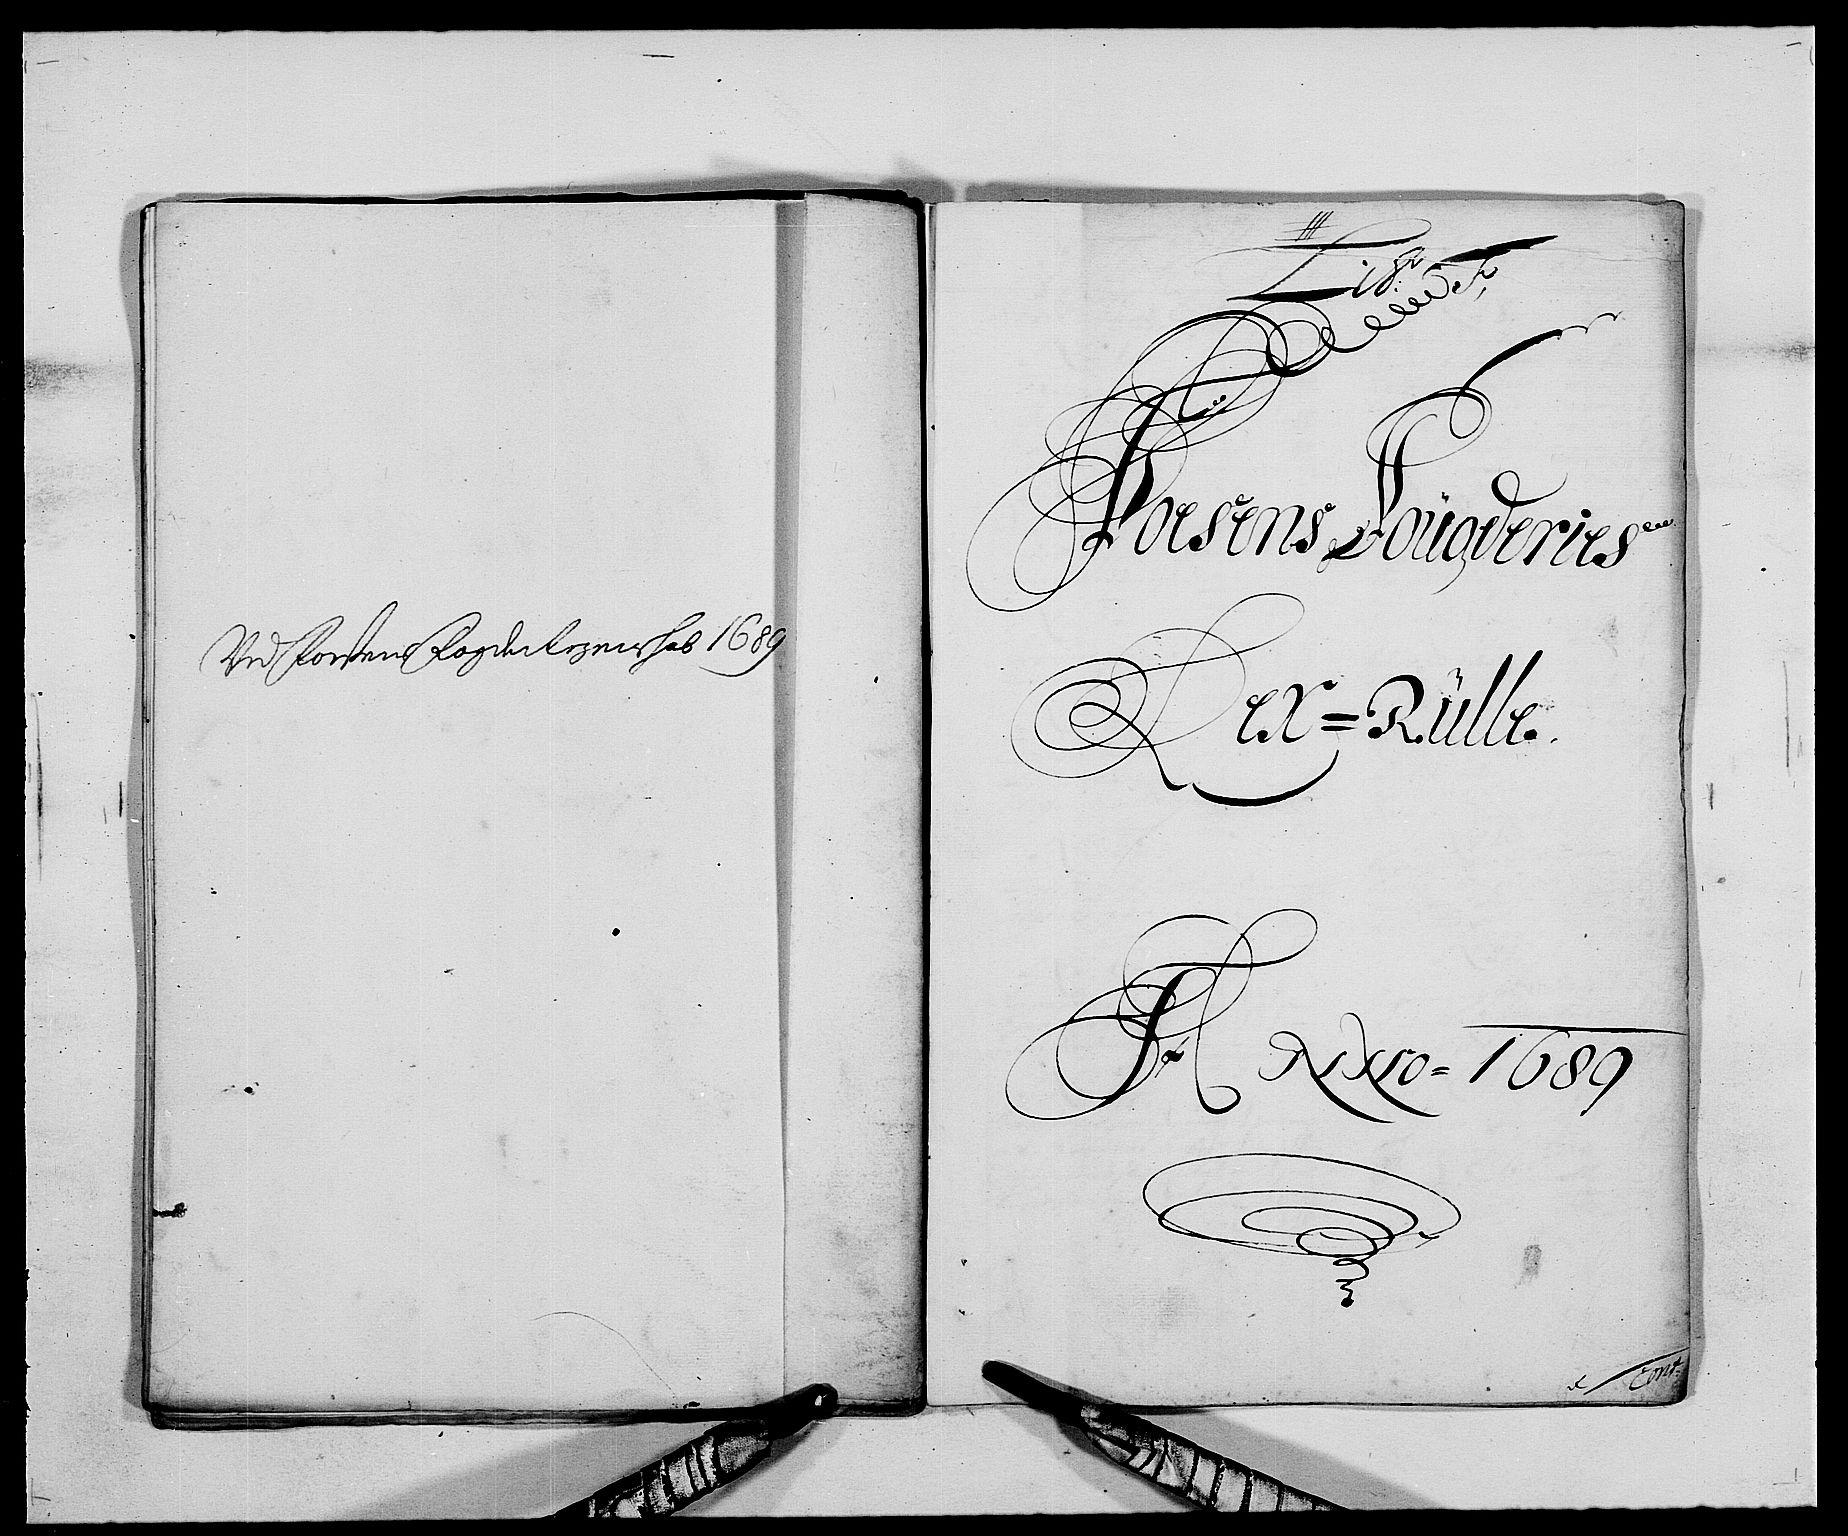 RA, Rentekammeret inntil 1814, Reviderte regnskaper, Fogderegnskap, R57/L3847: Fogderegnskap Fosen, 1689, s. 48